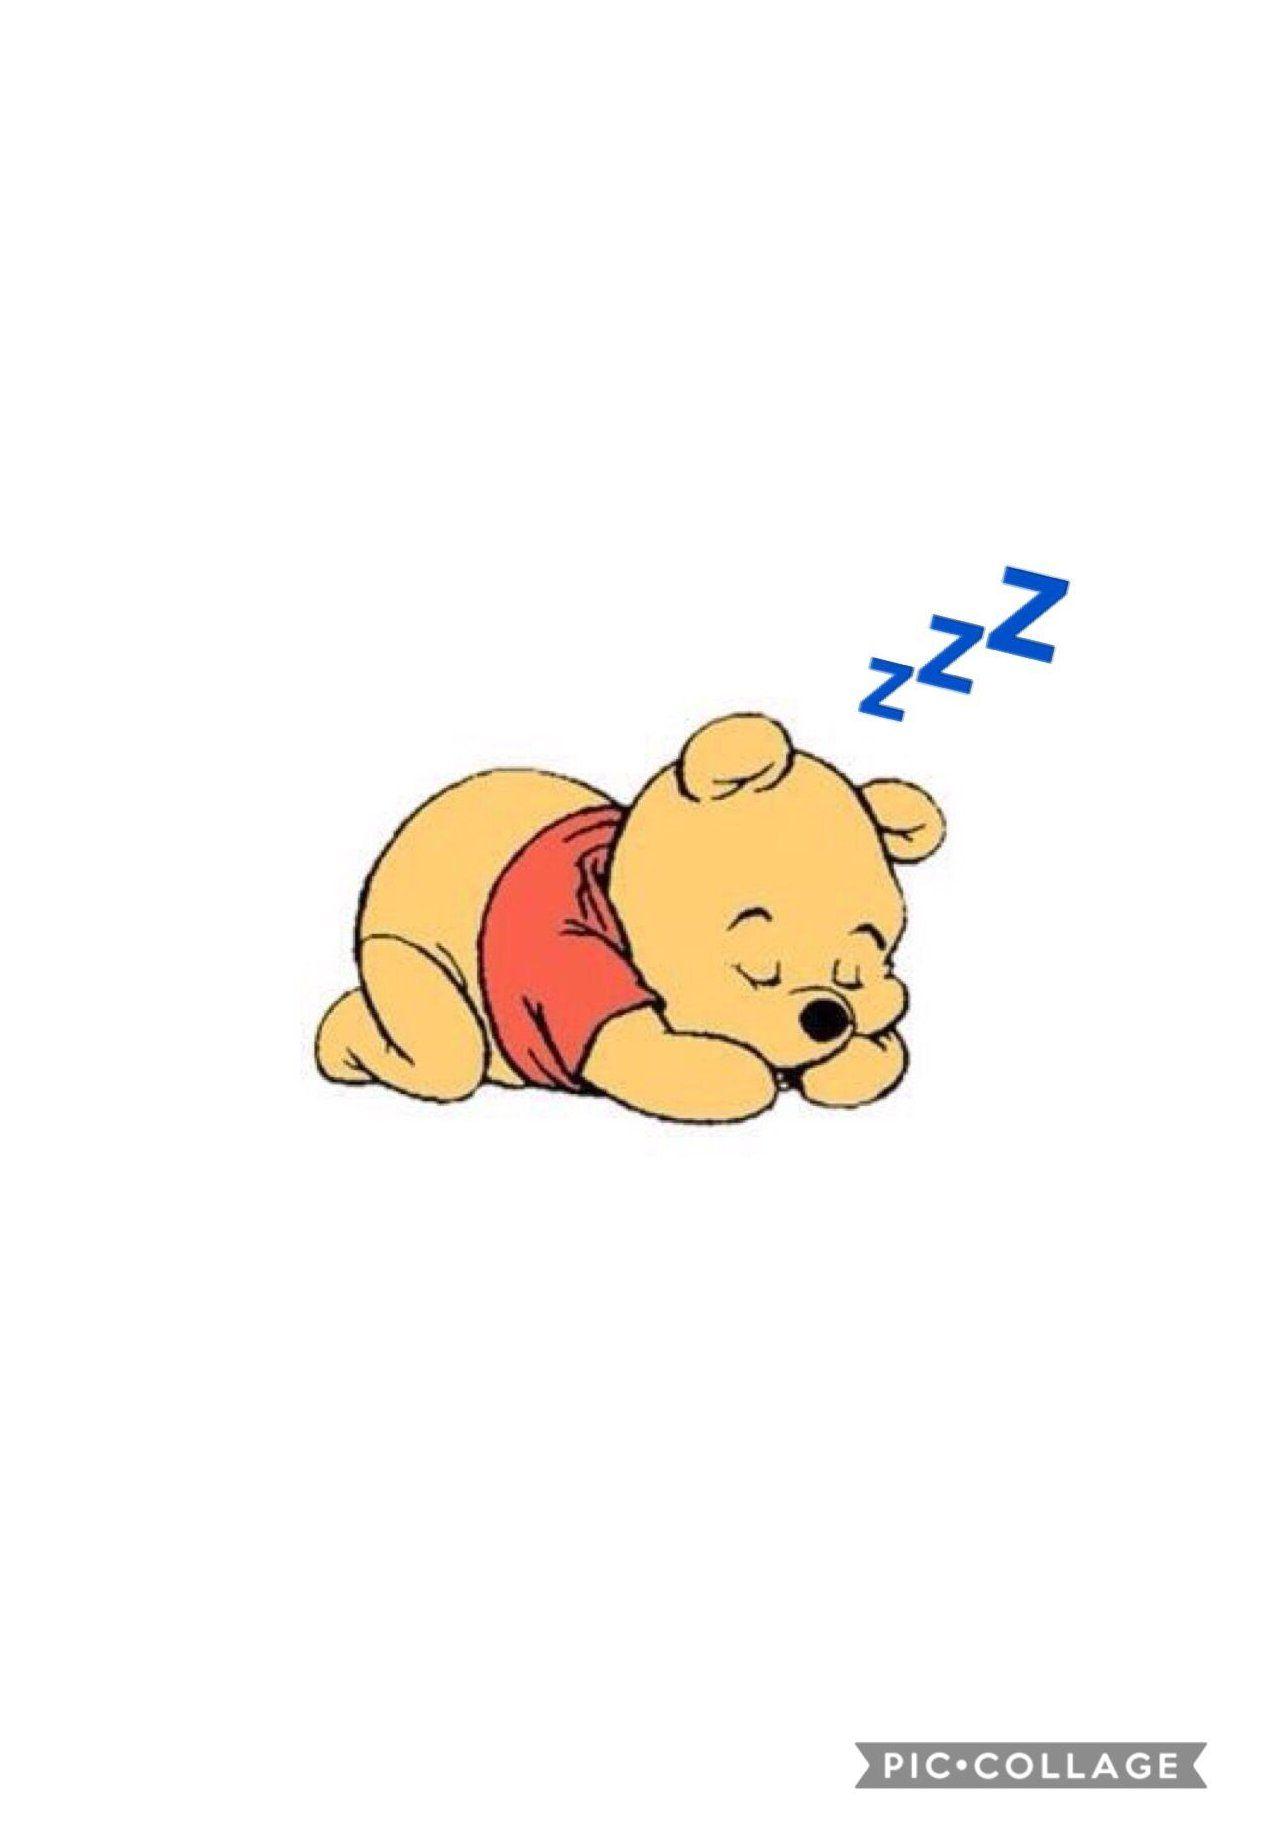 zzz sleep art